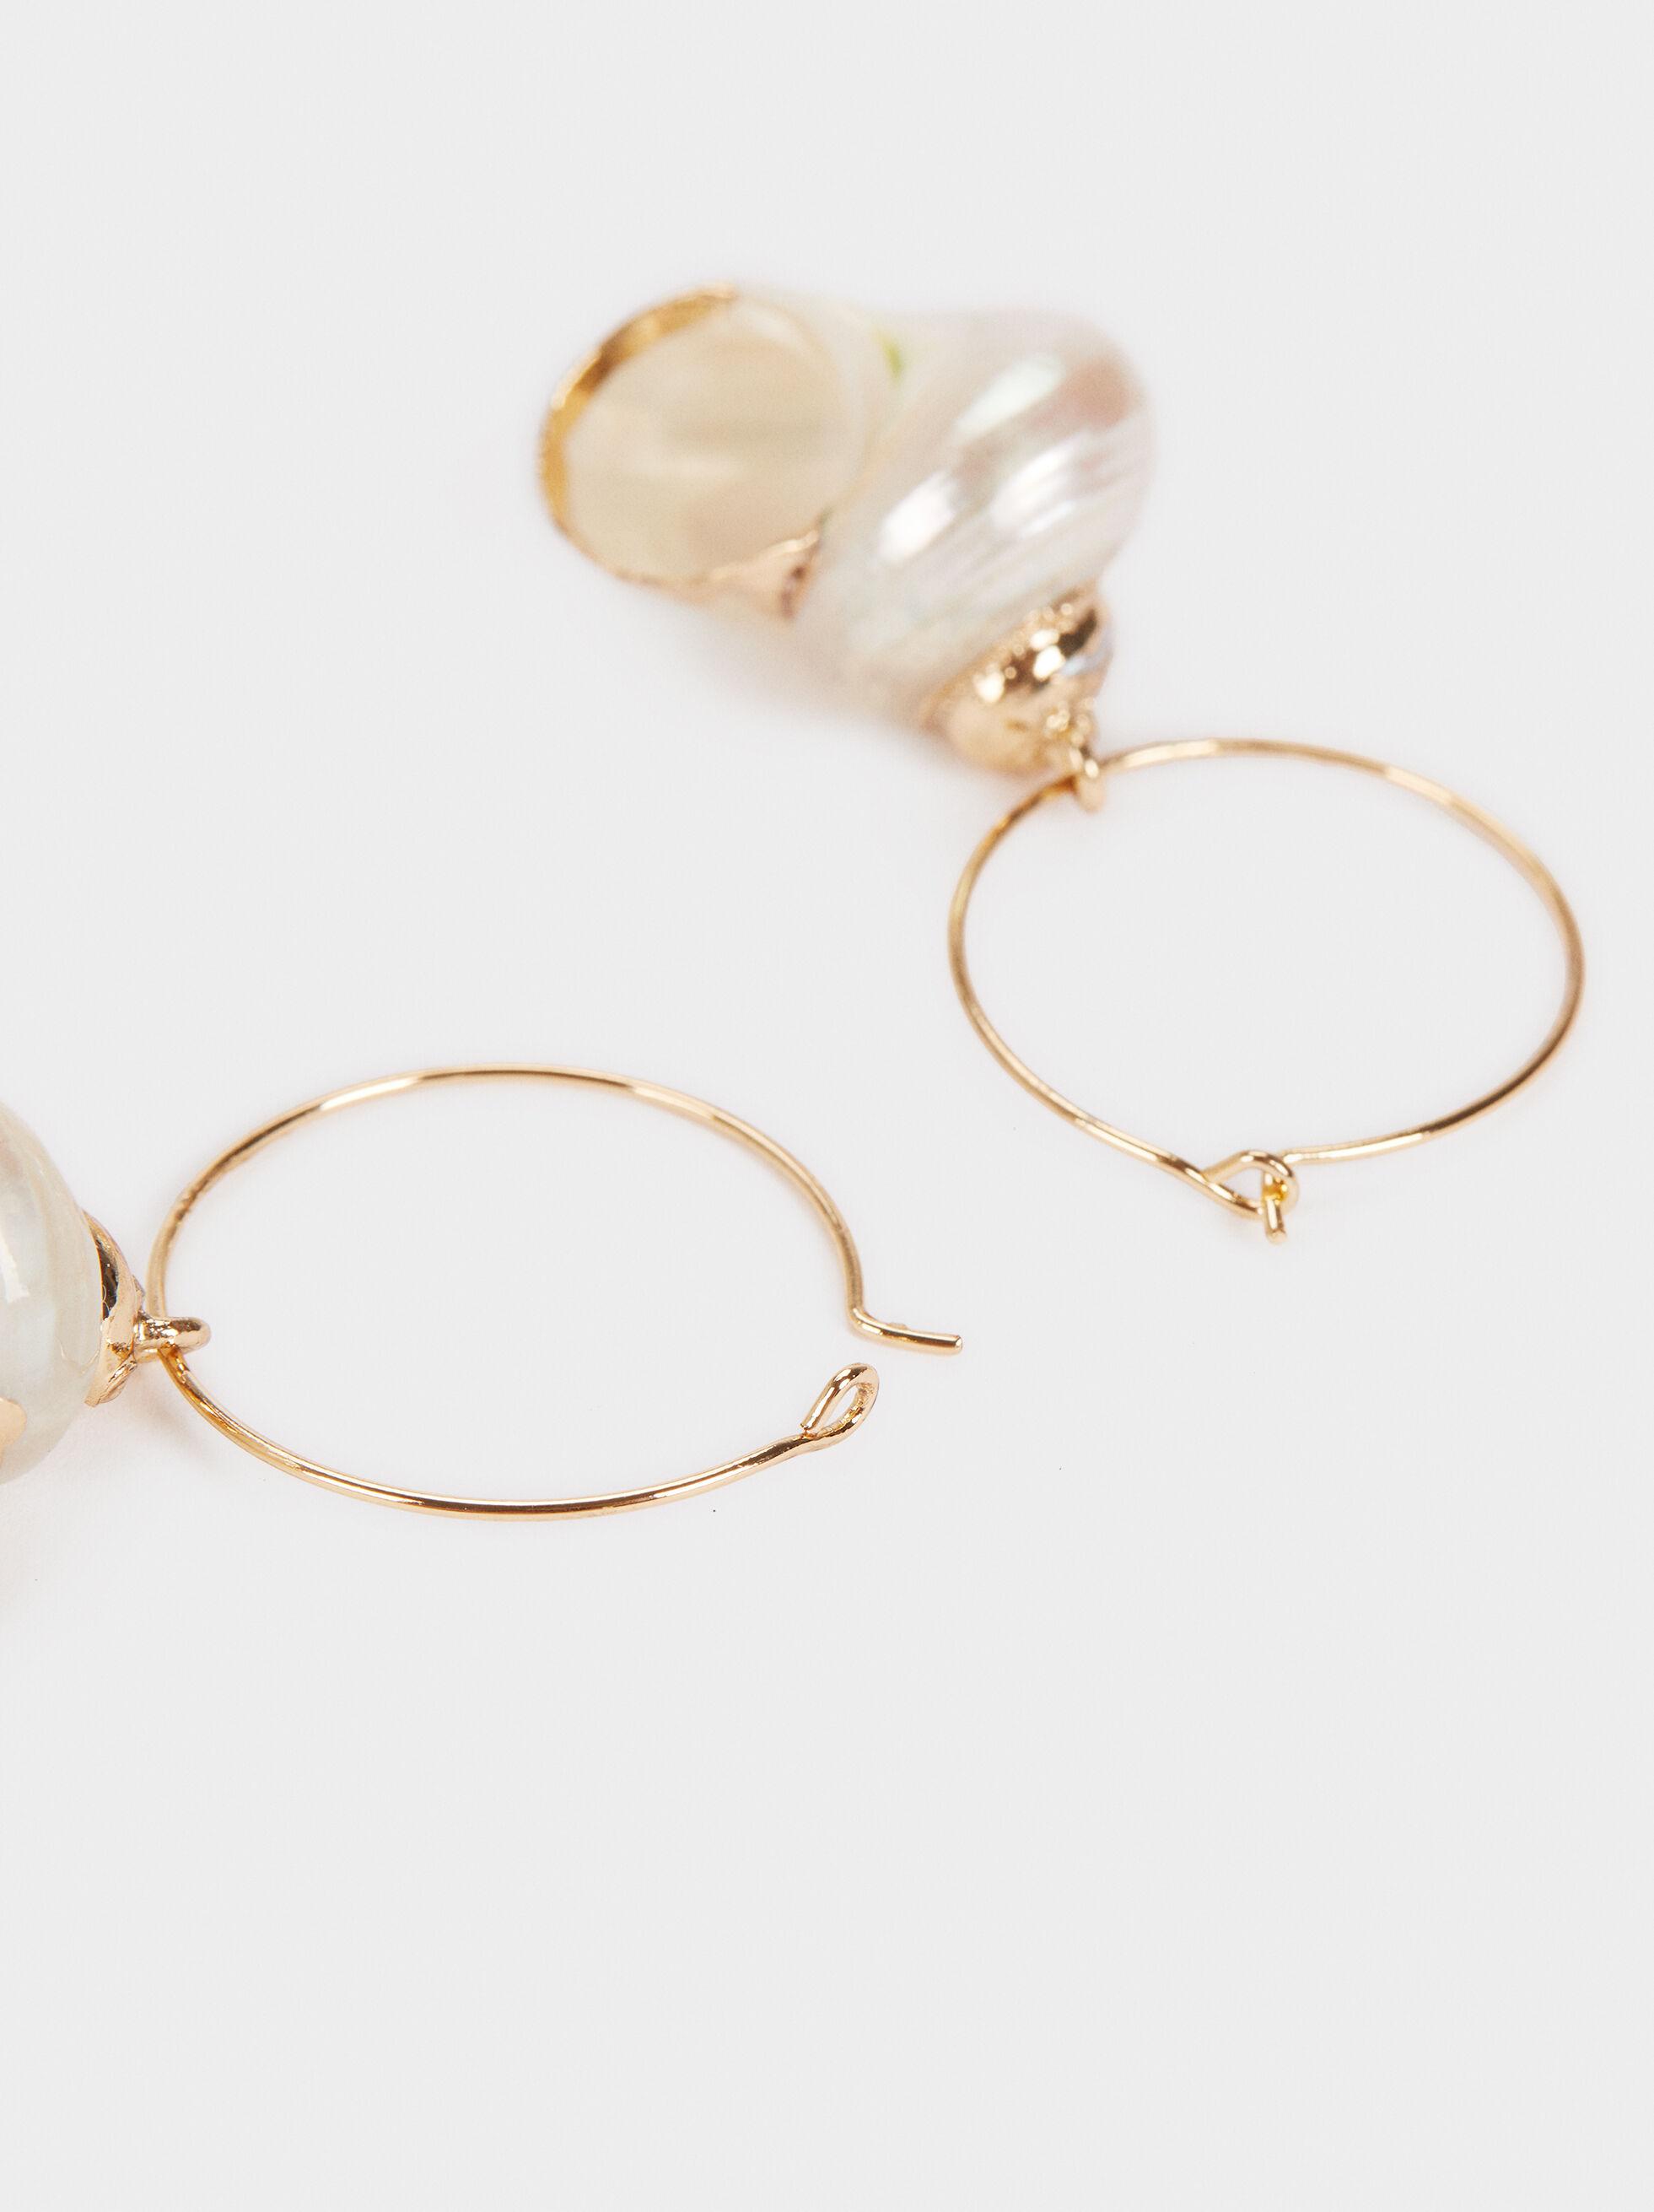 Medium Hoop Earrings With Seashell Details, Golden, hi-res